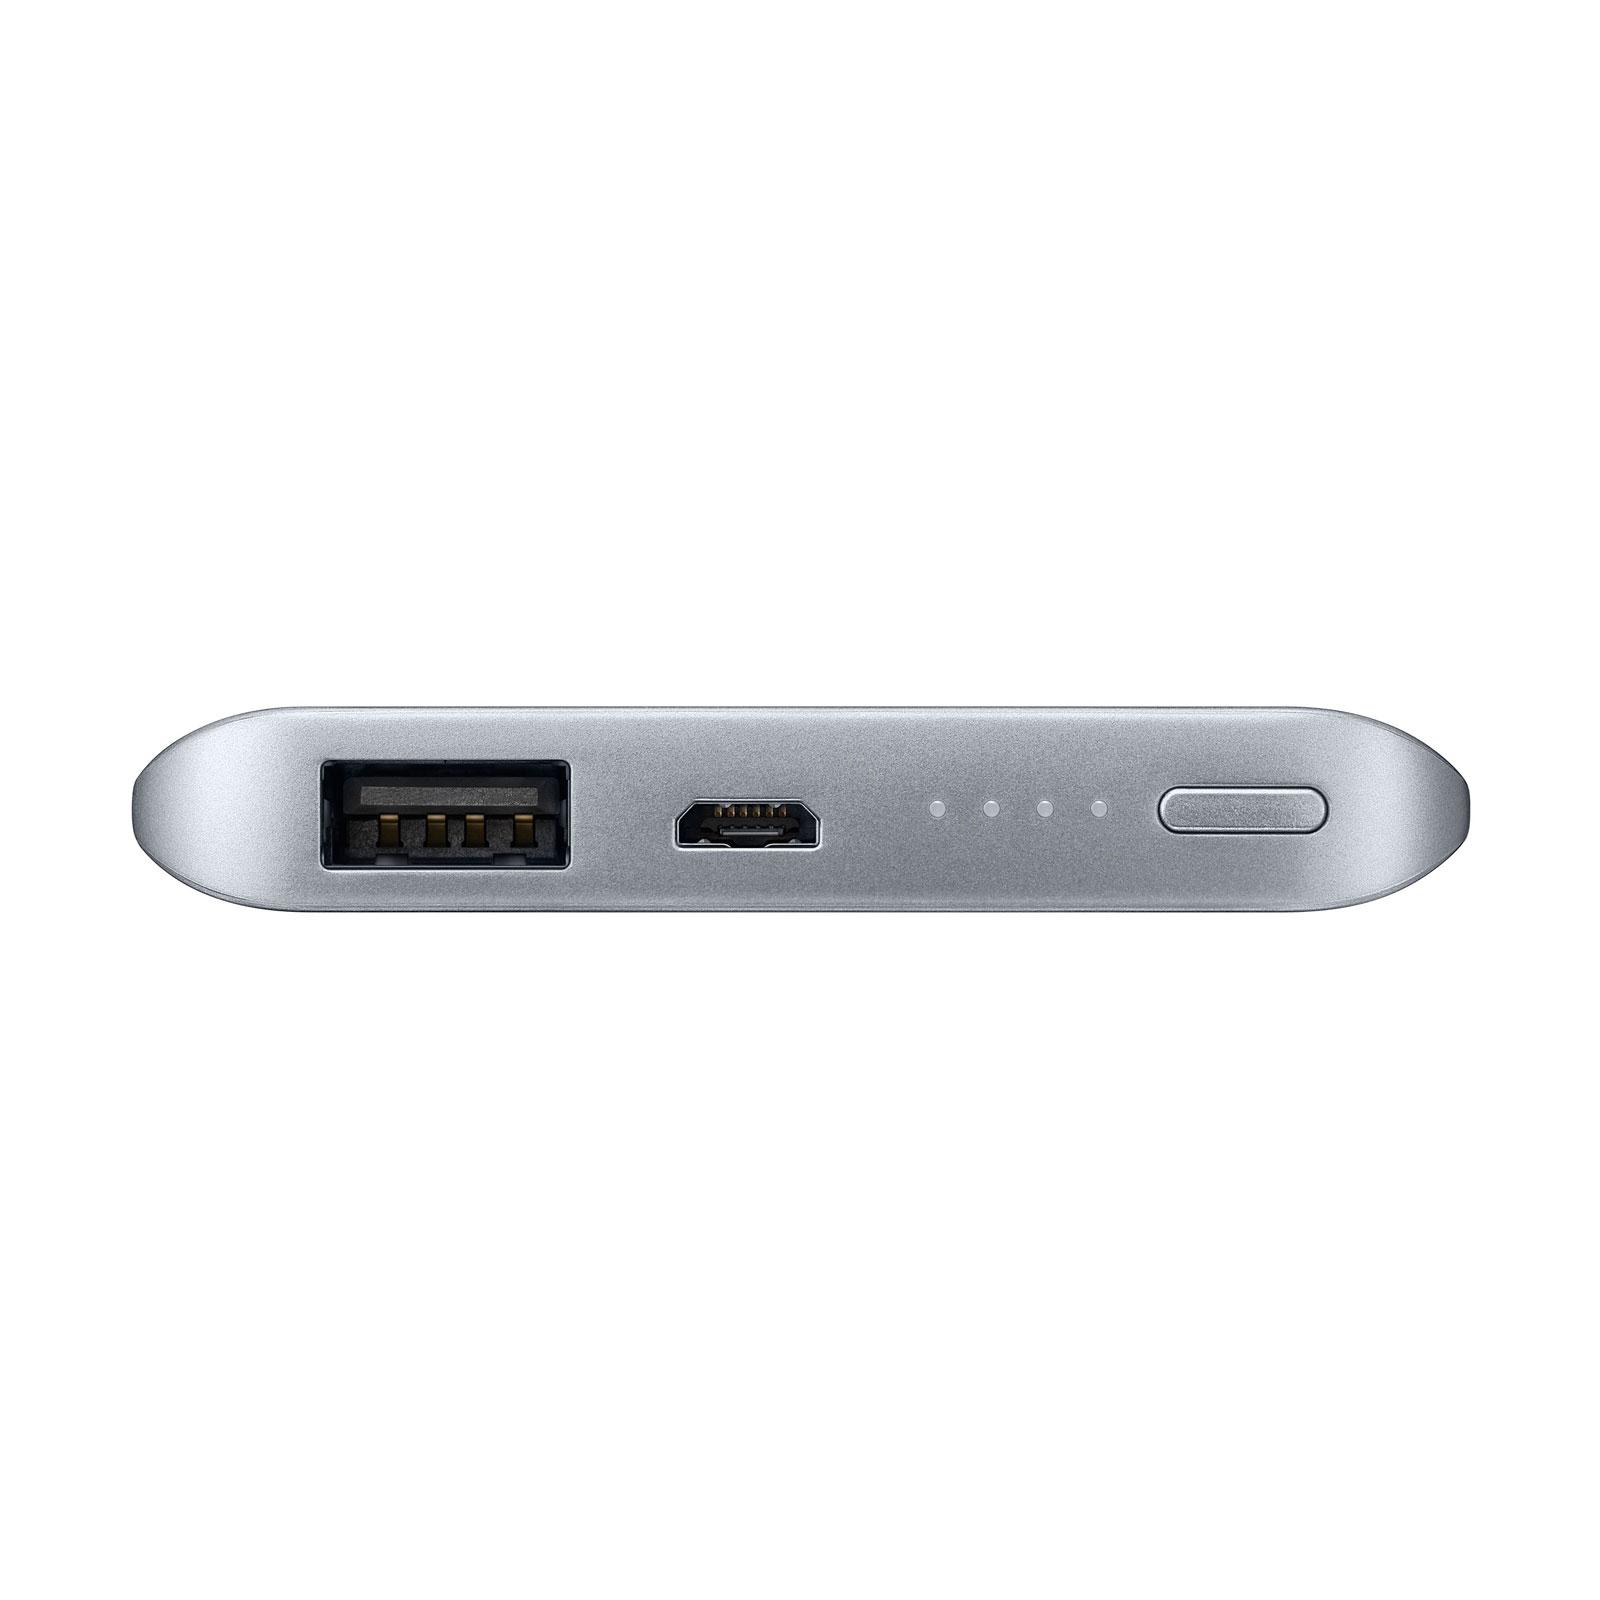 Samsung PowerBank Fast Charge Argent - Batterie téléphone Samsung sur LDLC.com